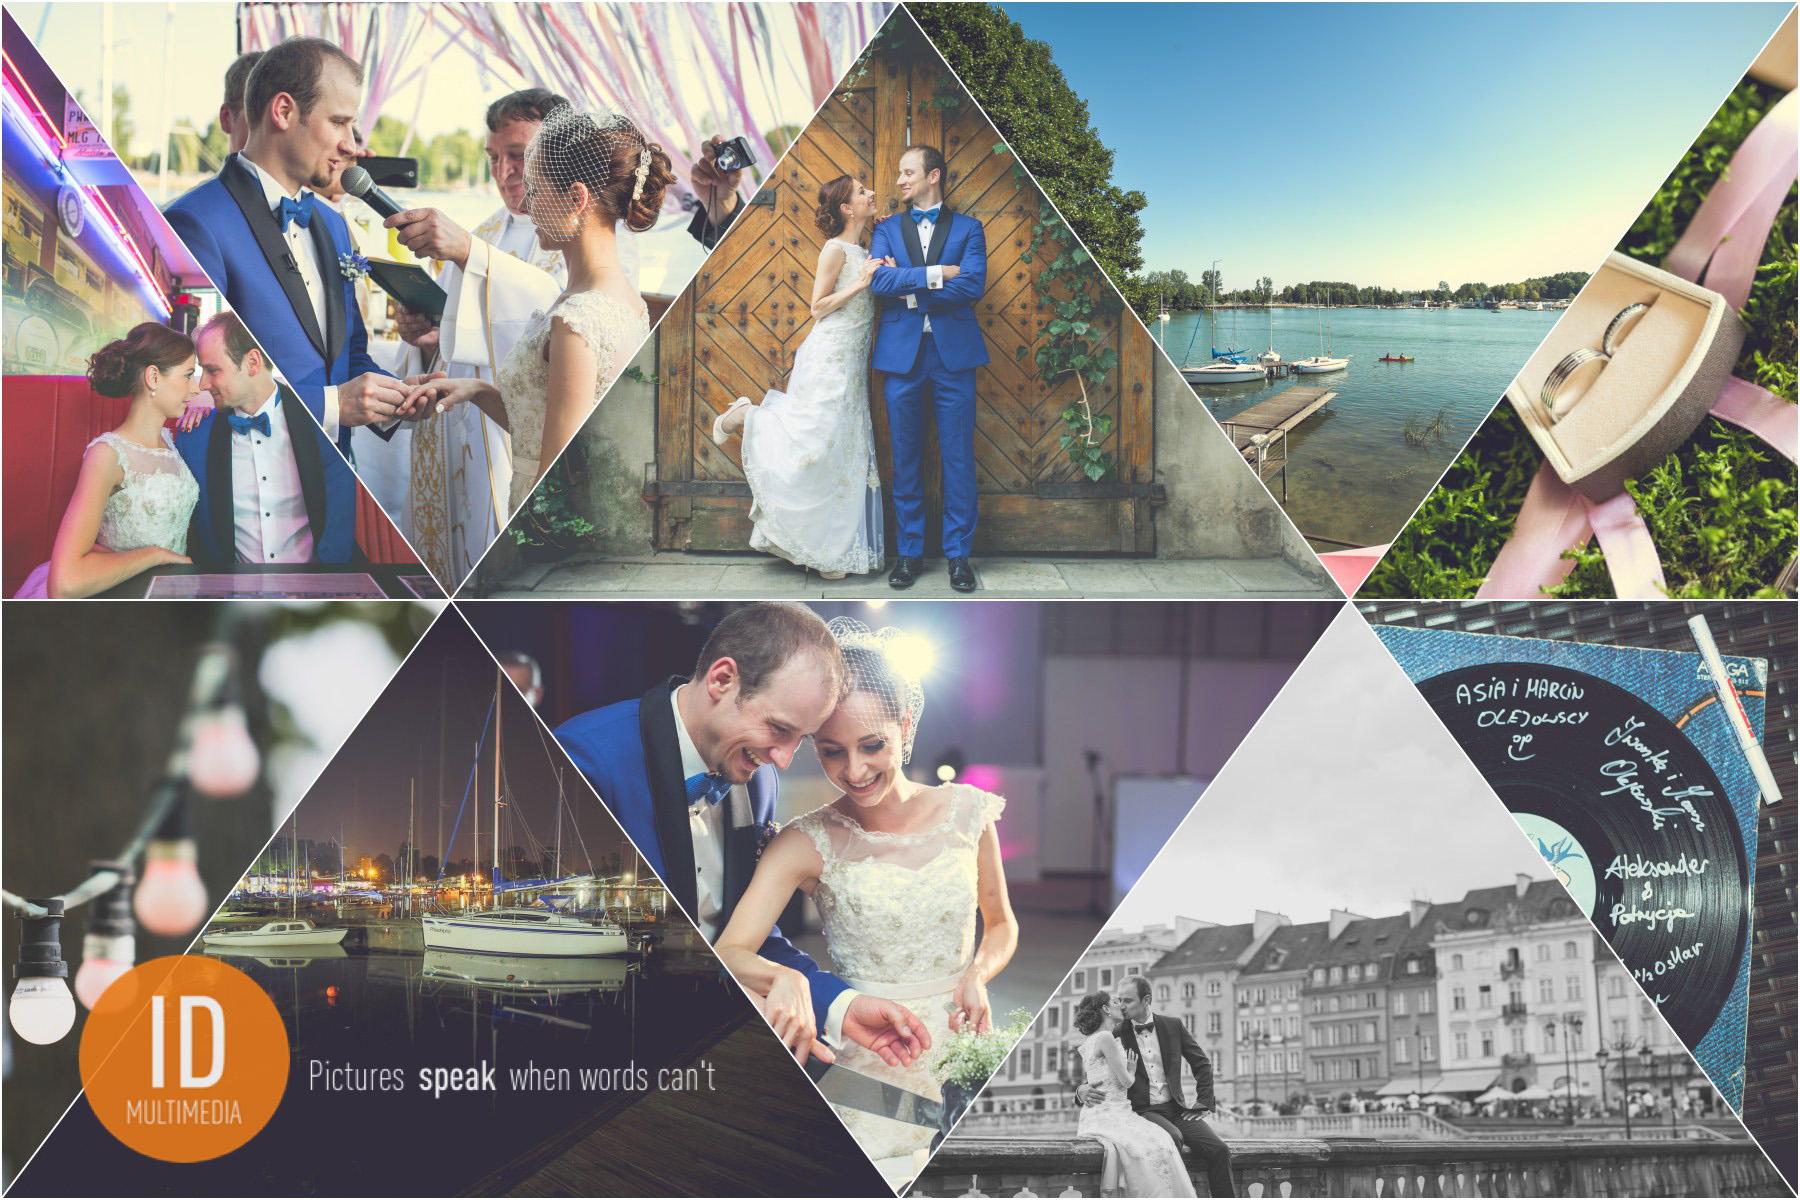 a1d05ac695 Wideofilmowanie i zdjęcia ślubne -blog IdMultimedia Ślub w stylu retro -  Agata   Łukasz